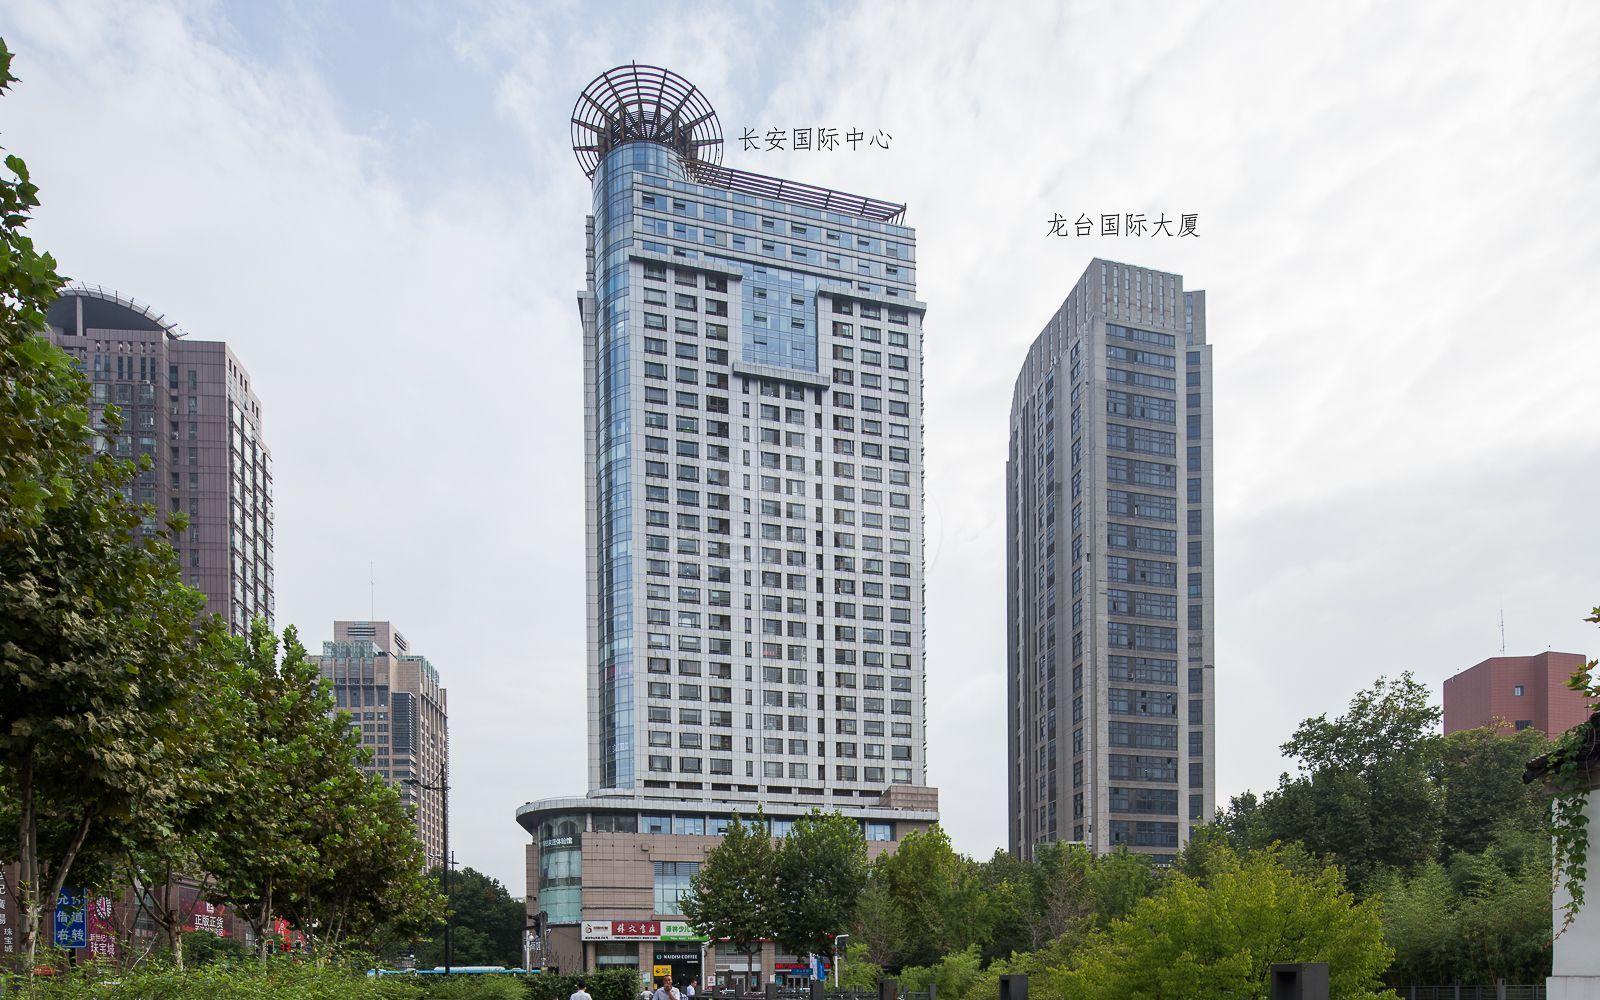 龙台国际大厦